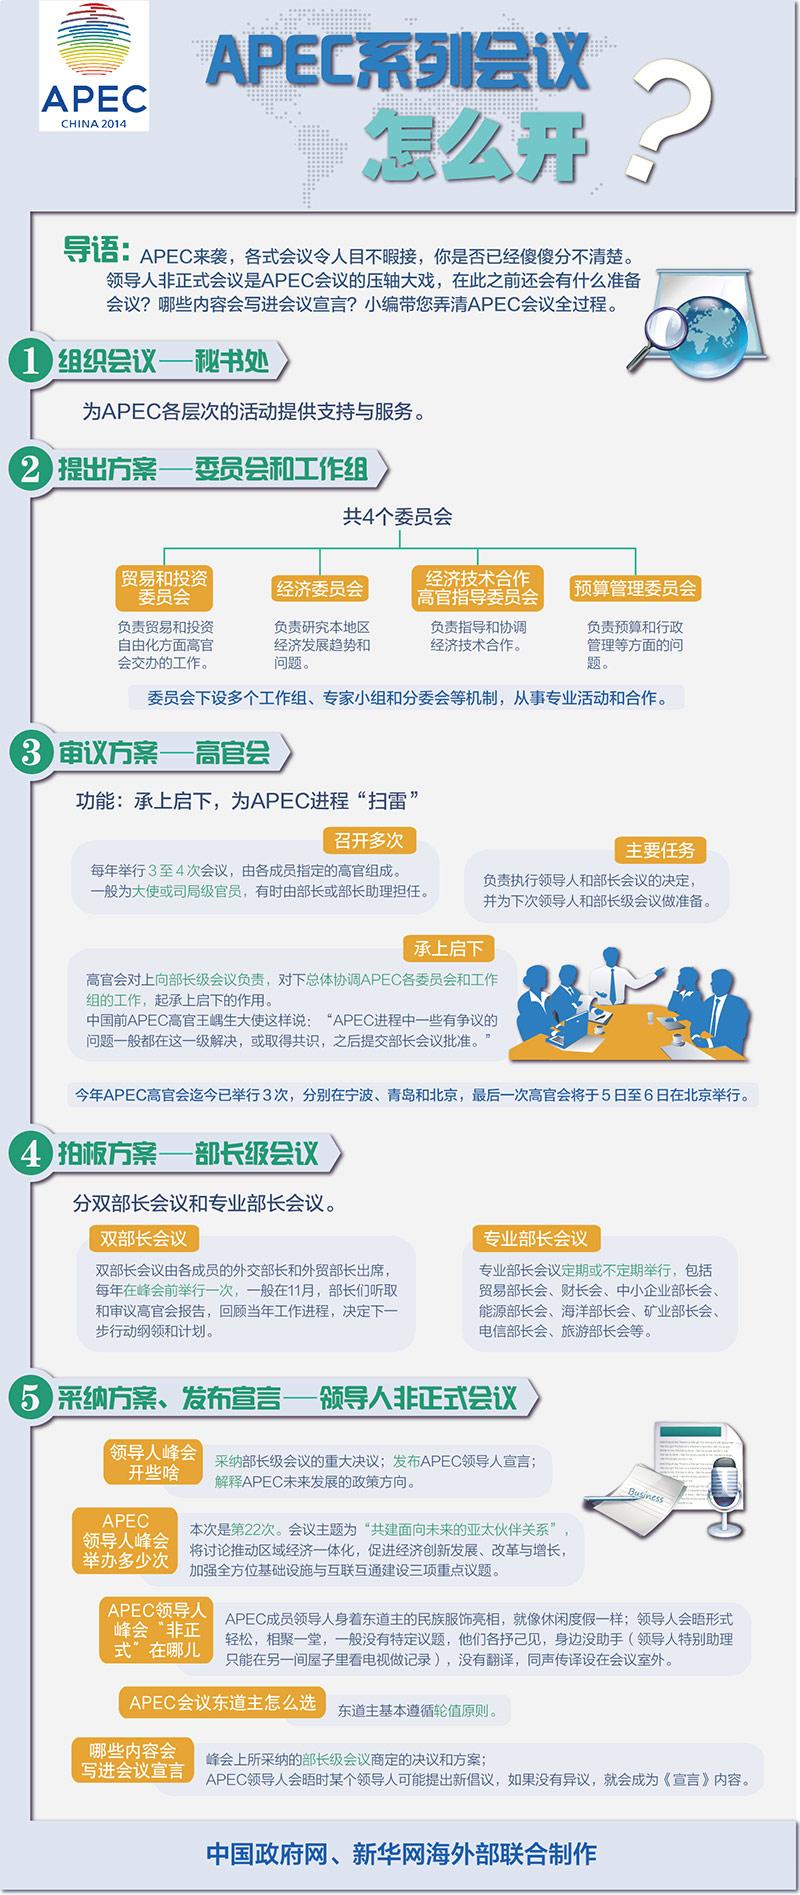 一张图看懂北京APEC峰会怎么开